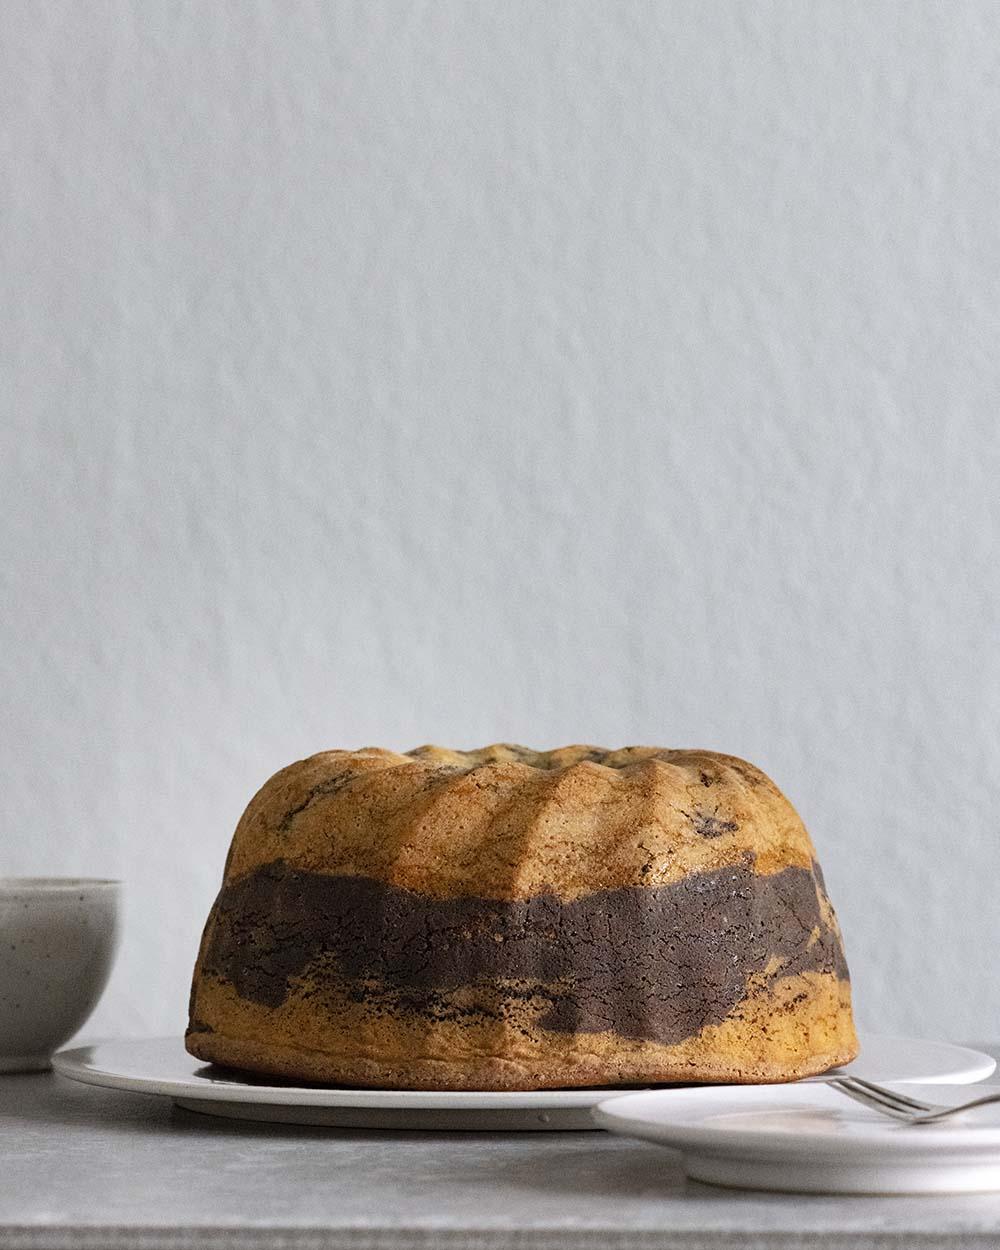 Wir haben den Marmorkuchen aus der Form gelöst. Er steht jetzt auf einer Kuchenplatte auf dem Tisch.